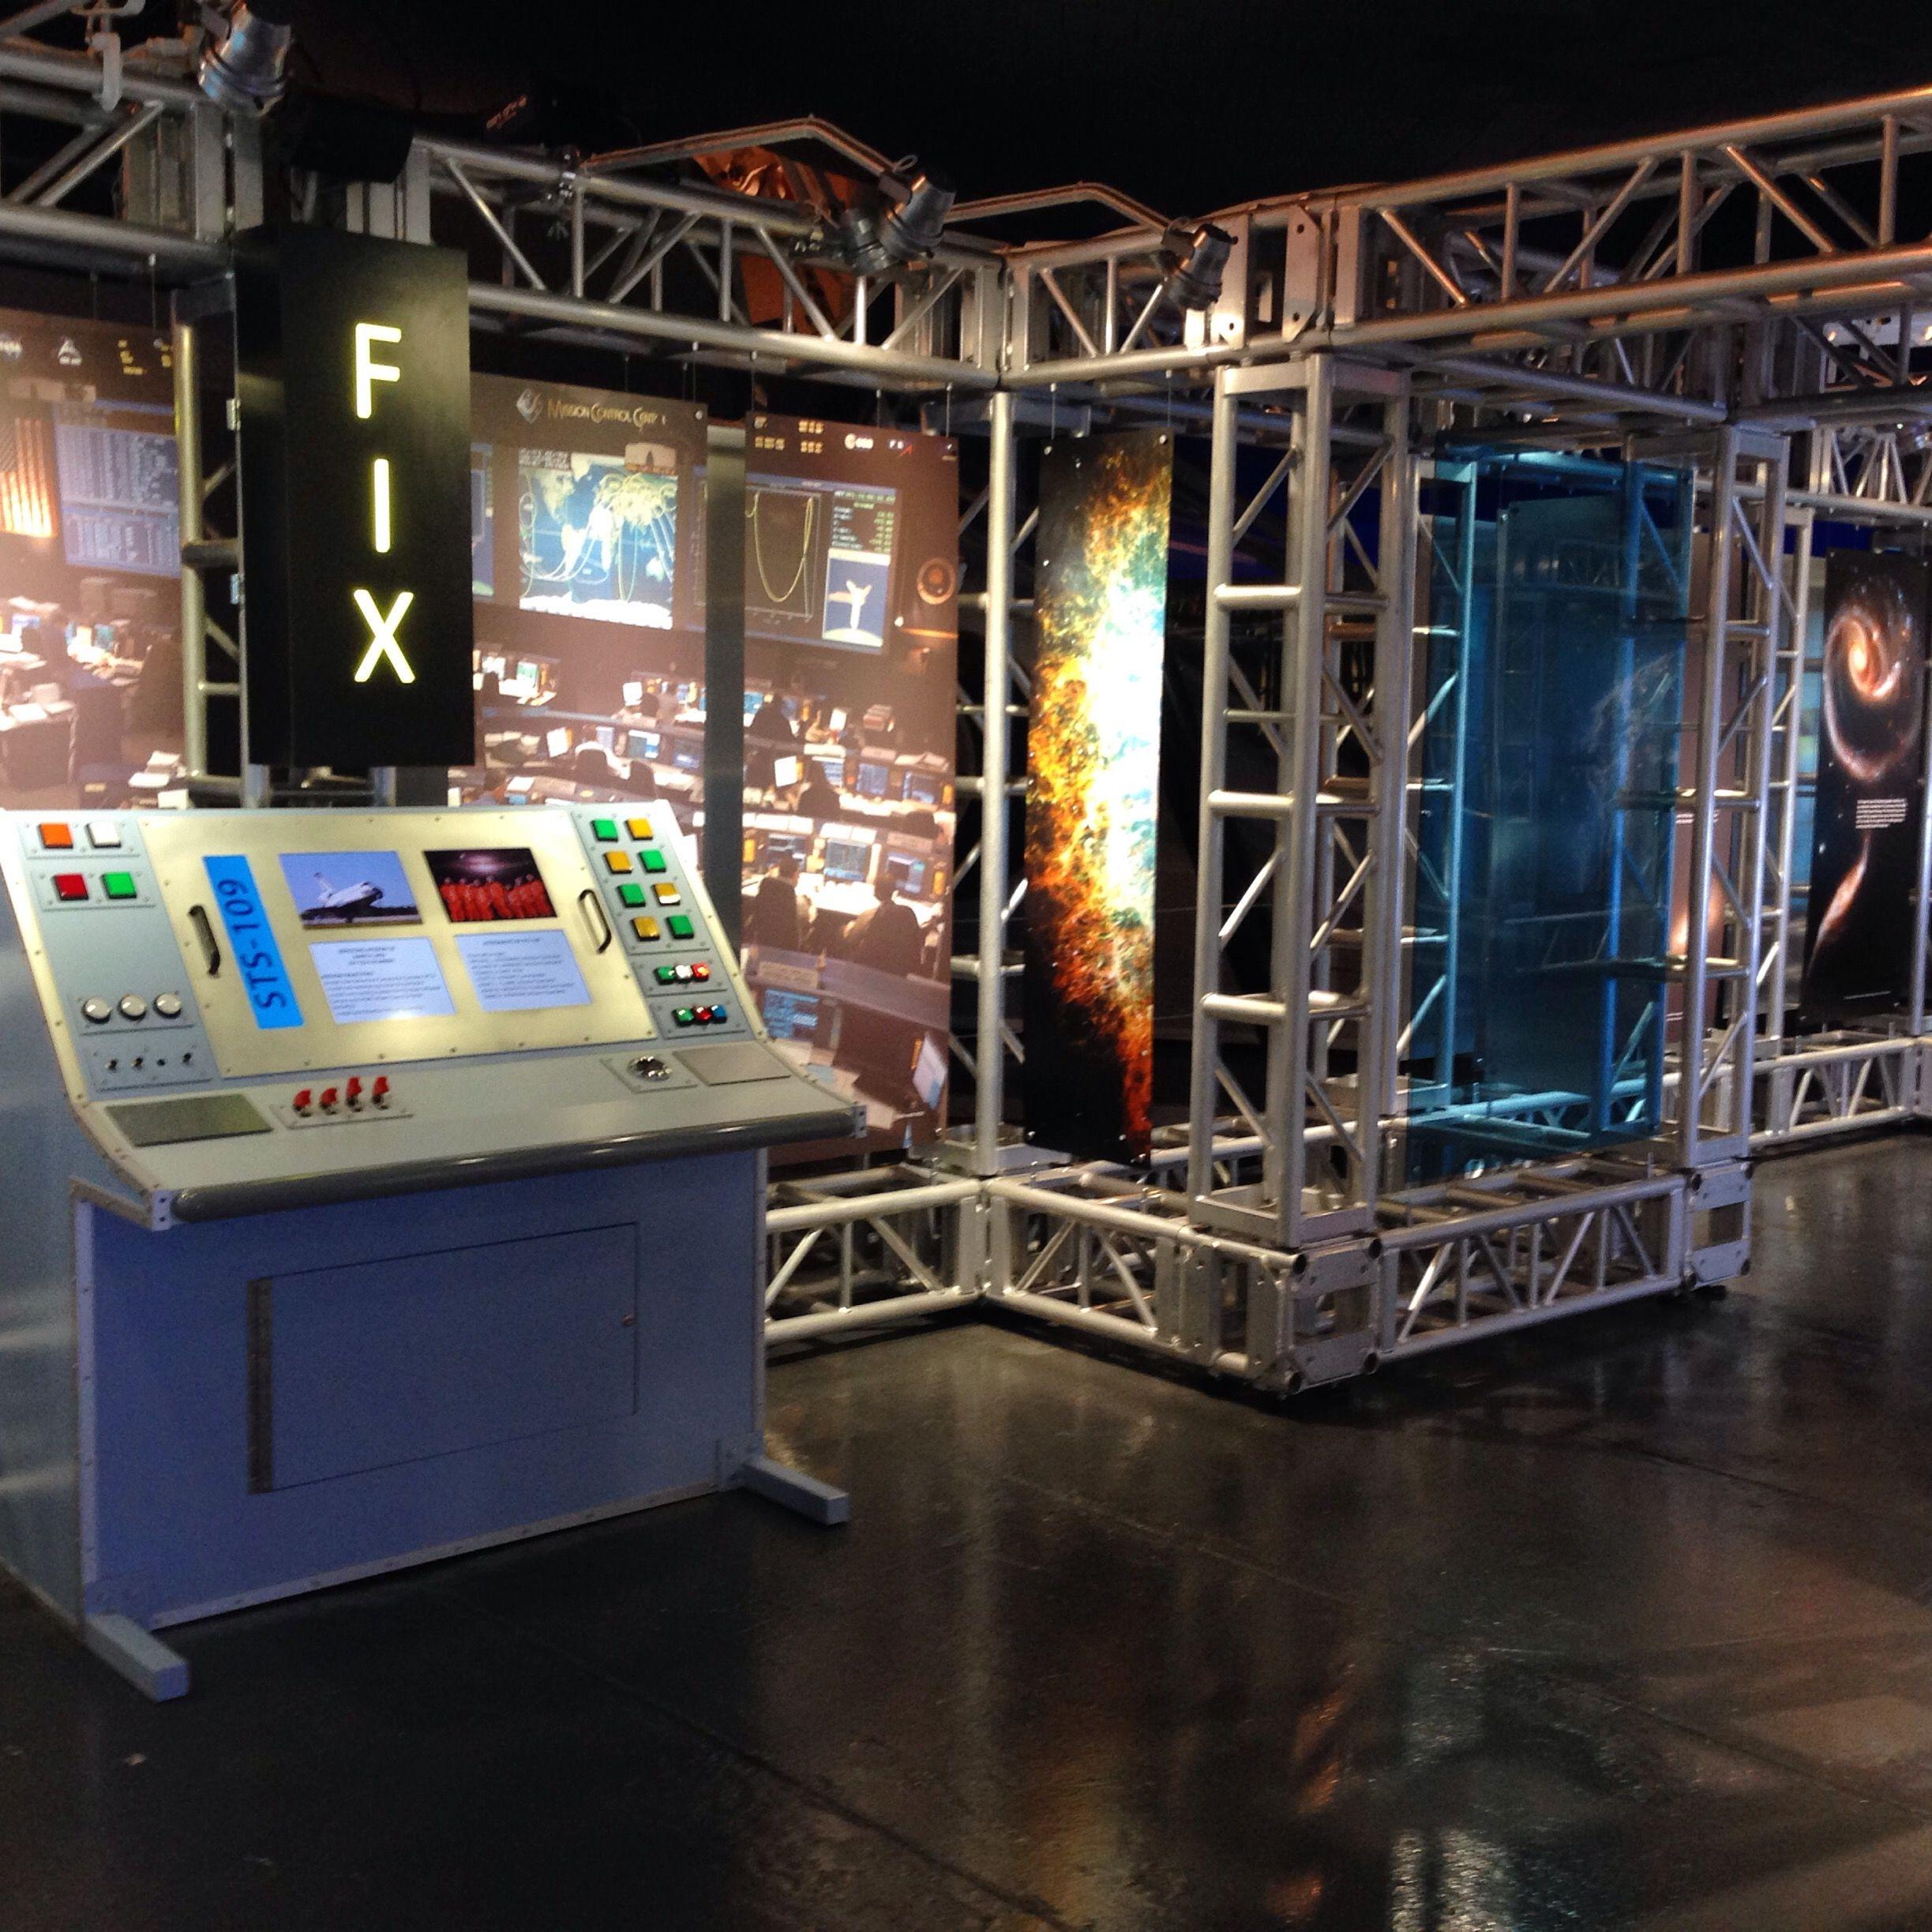 The Intrepid Sea, Air & Space Museum Priscilla De Leon